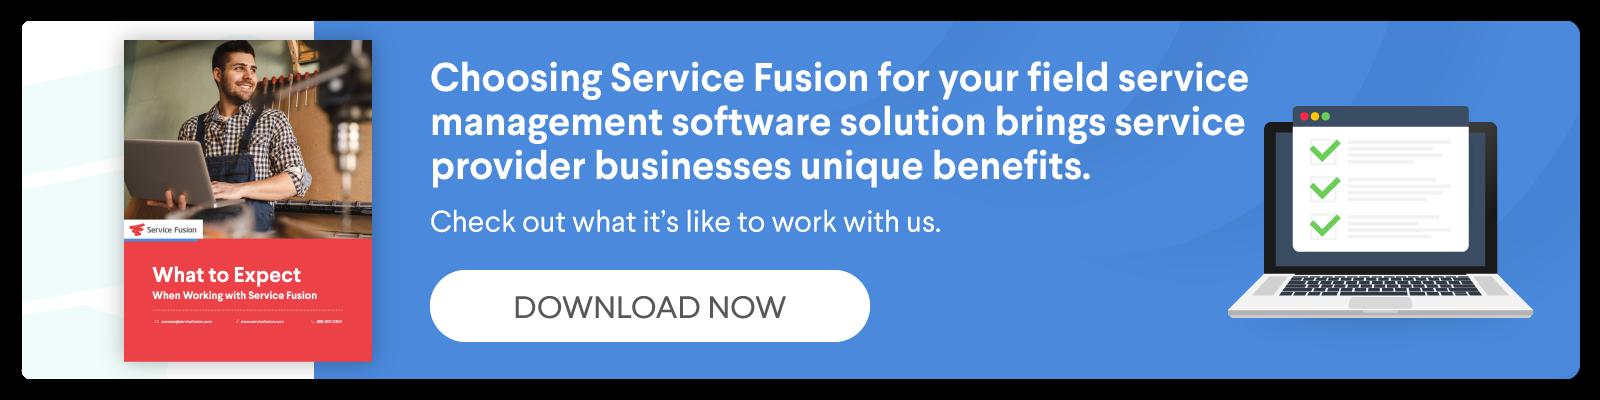 service-fusion